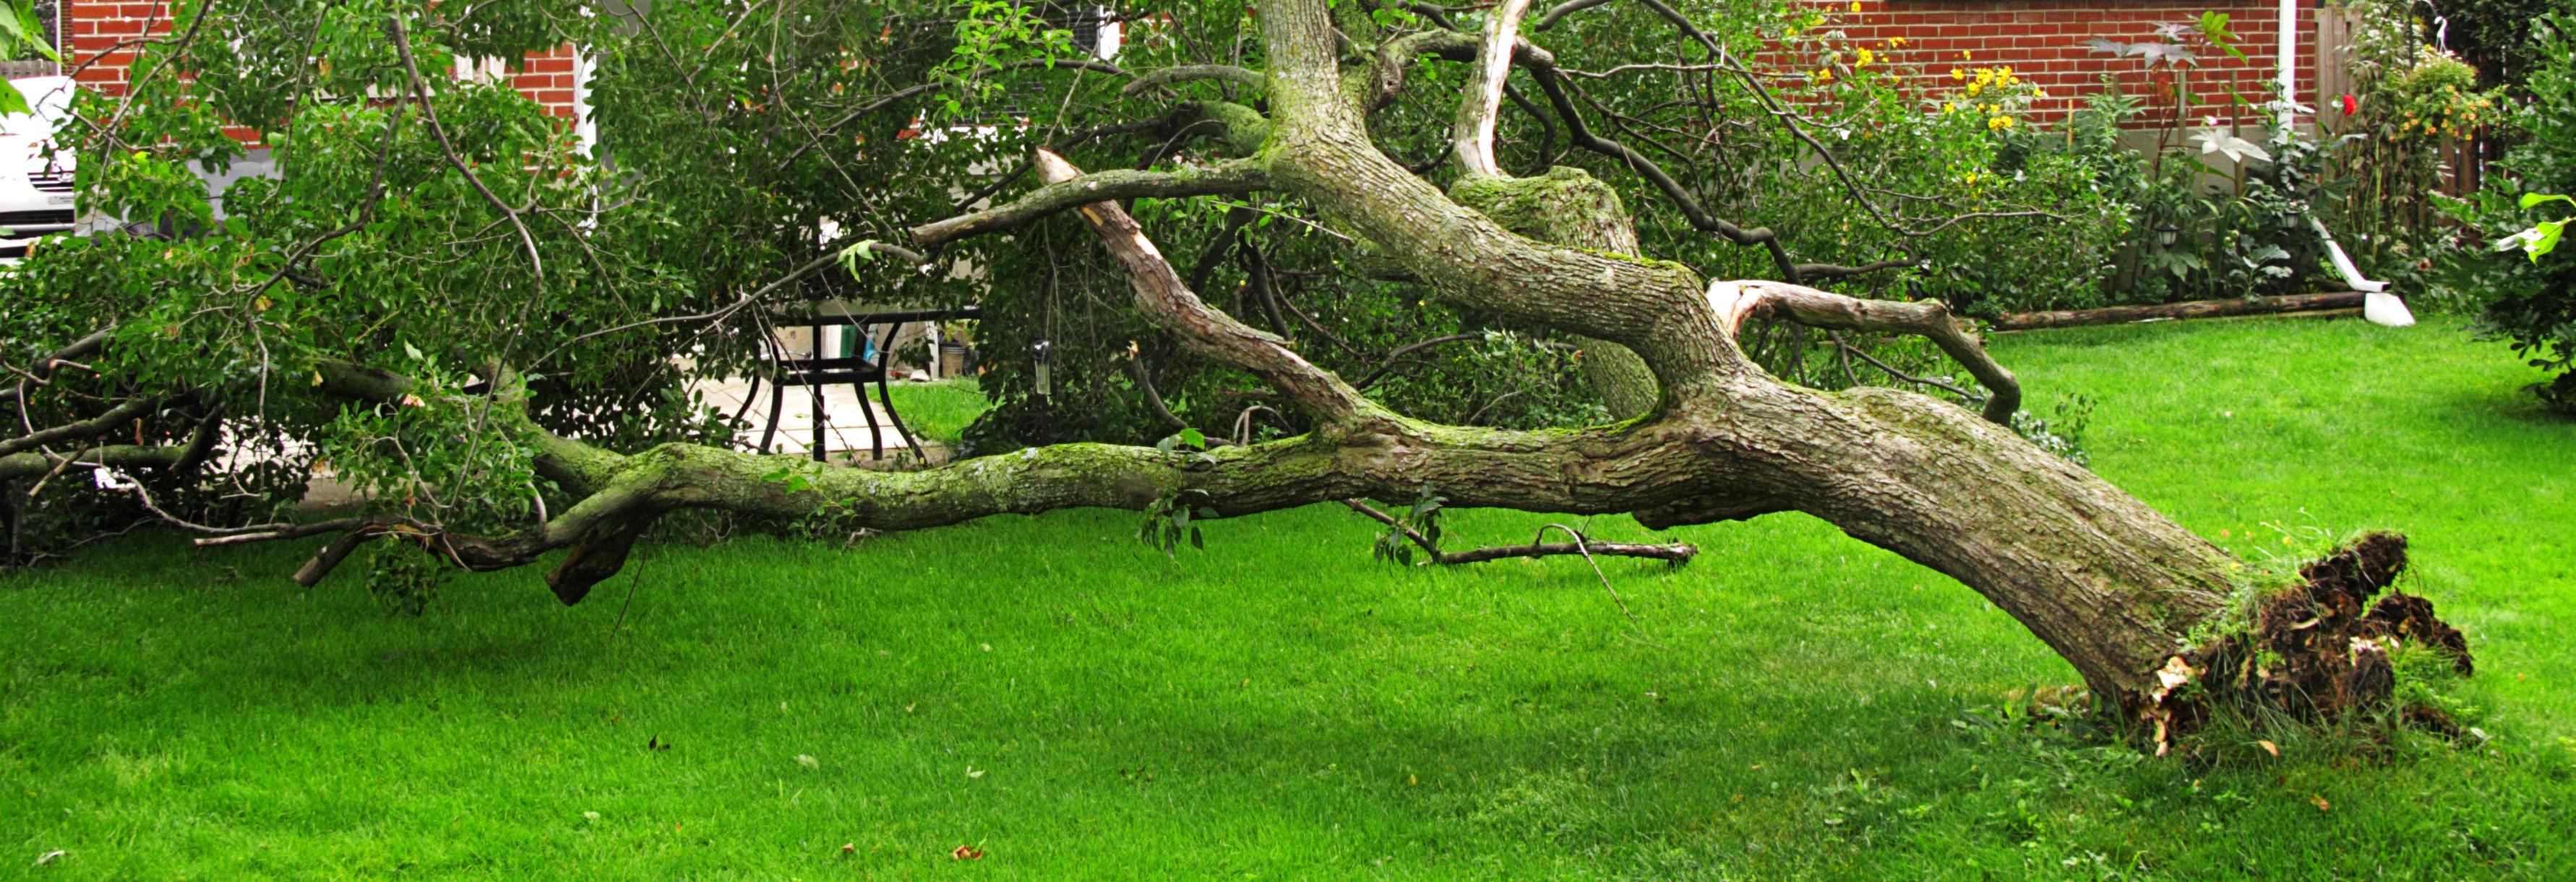 allied tree service broken tree fallen tree